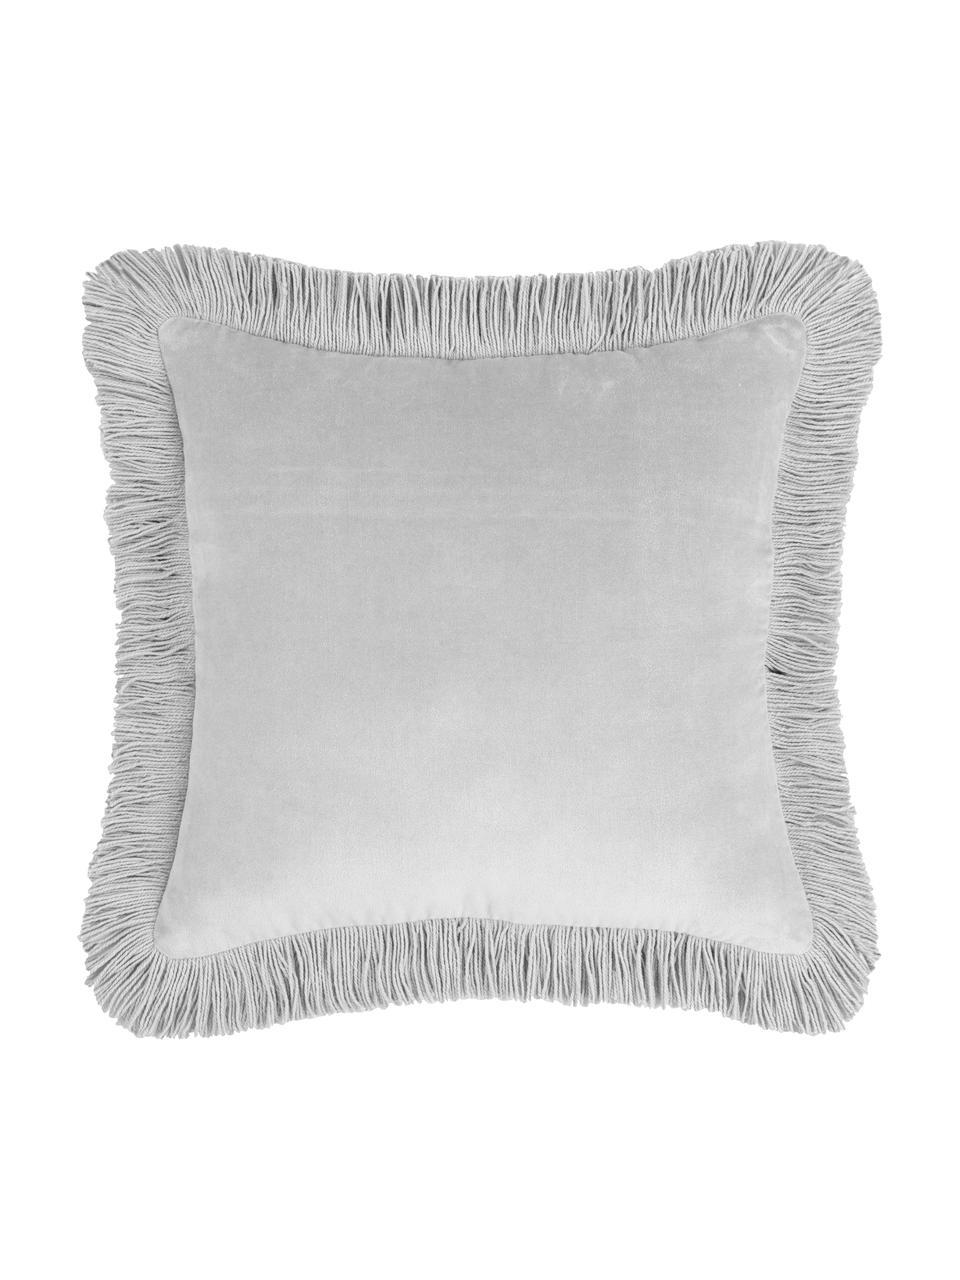 Fluwelen kussenhoes Phoeby in lichtgrijs met franjes, 100% katoen, Lichtgrijs, 40 x 40 cm